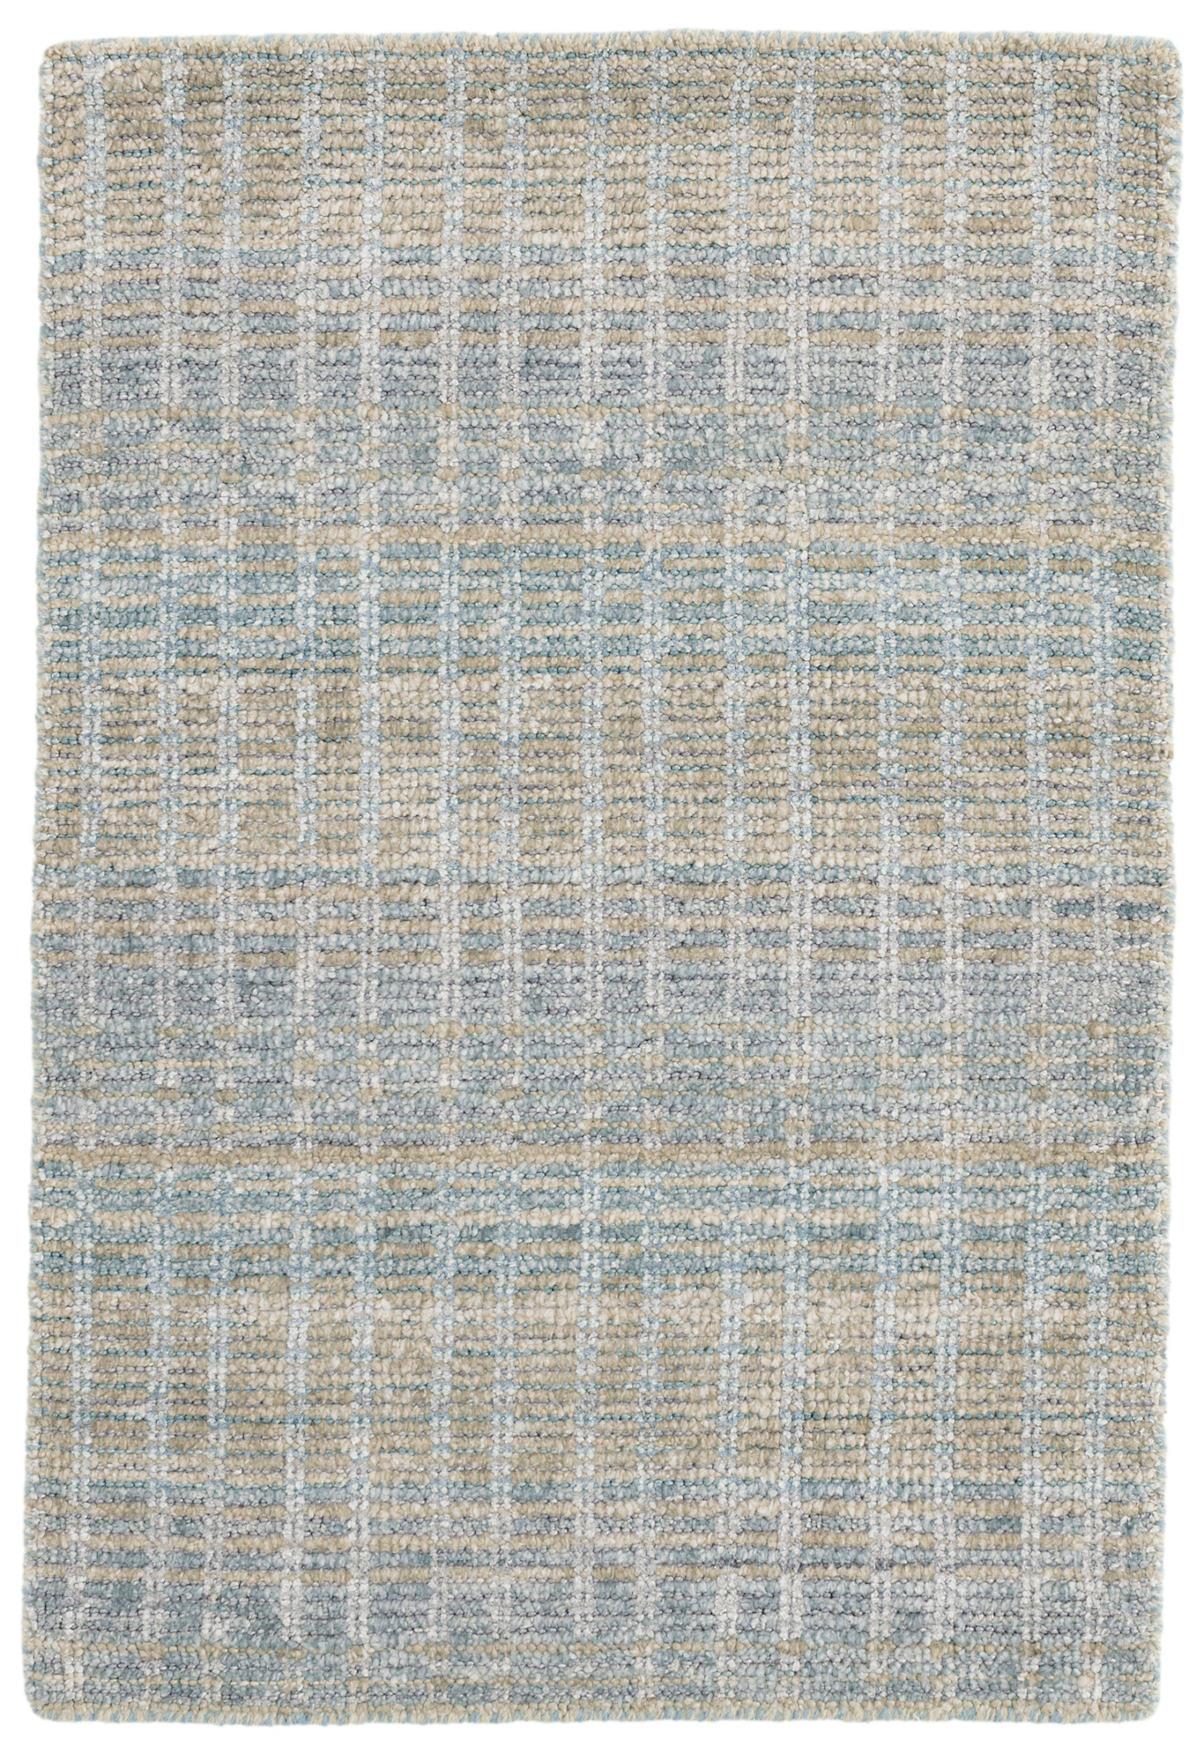 Geneva Woven Viscose/Cotton Rug